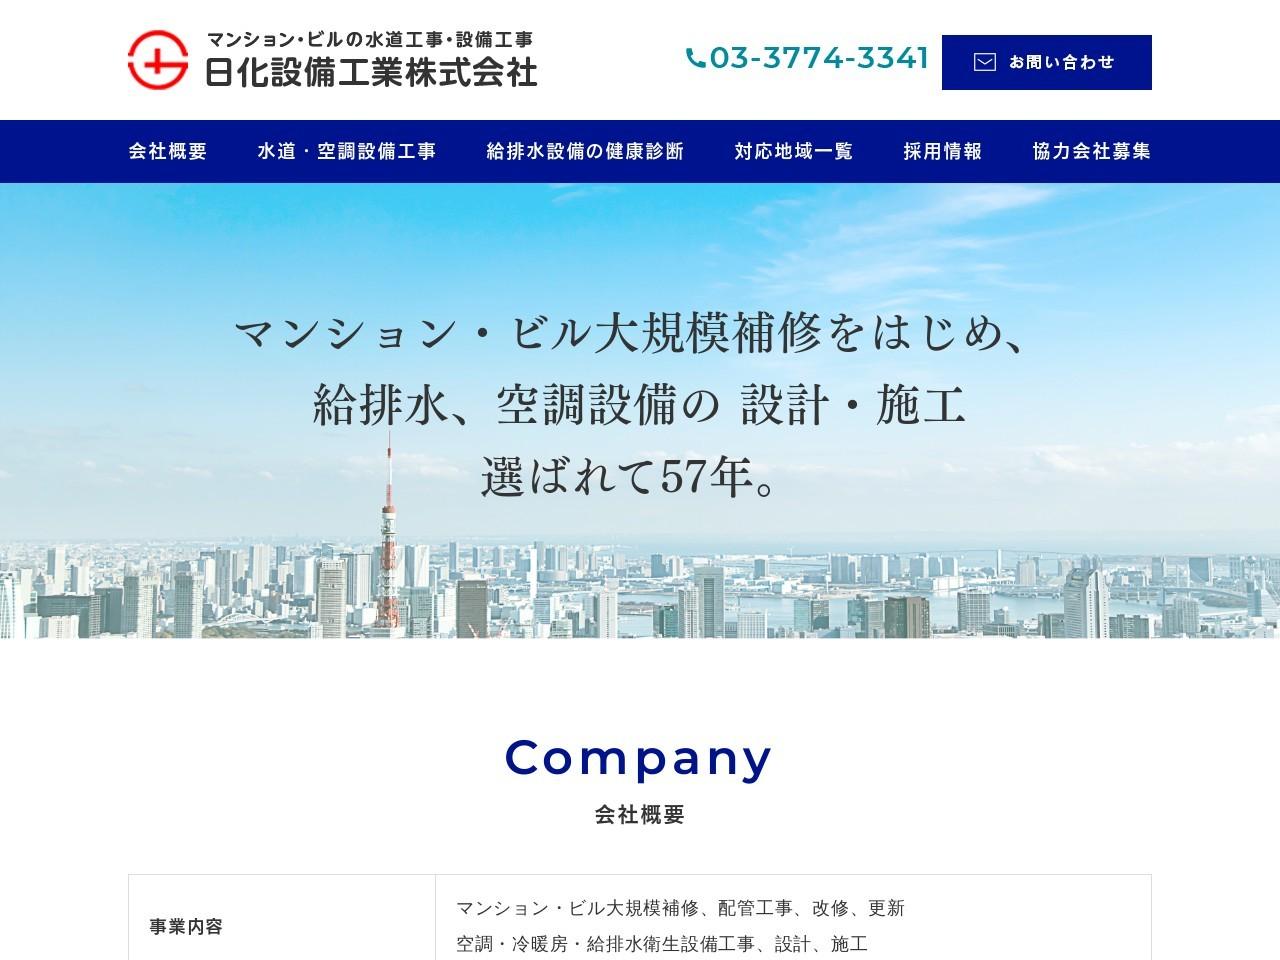 日化設備工業株式会社川崎支店